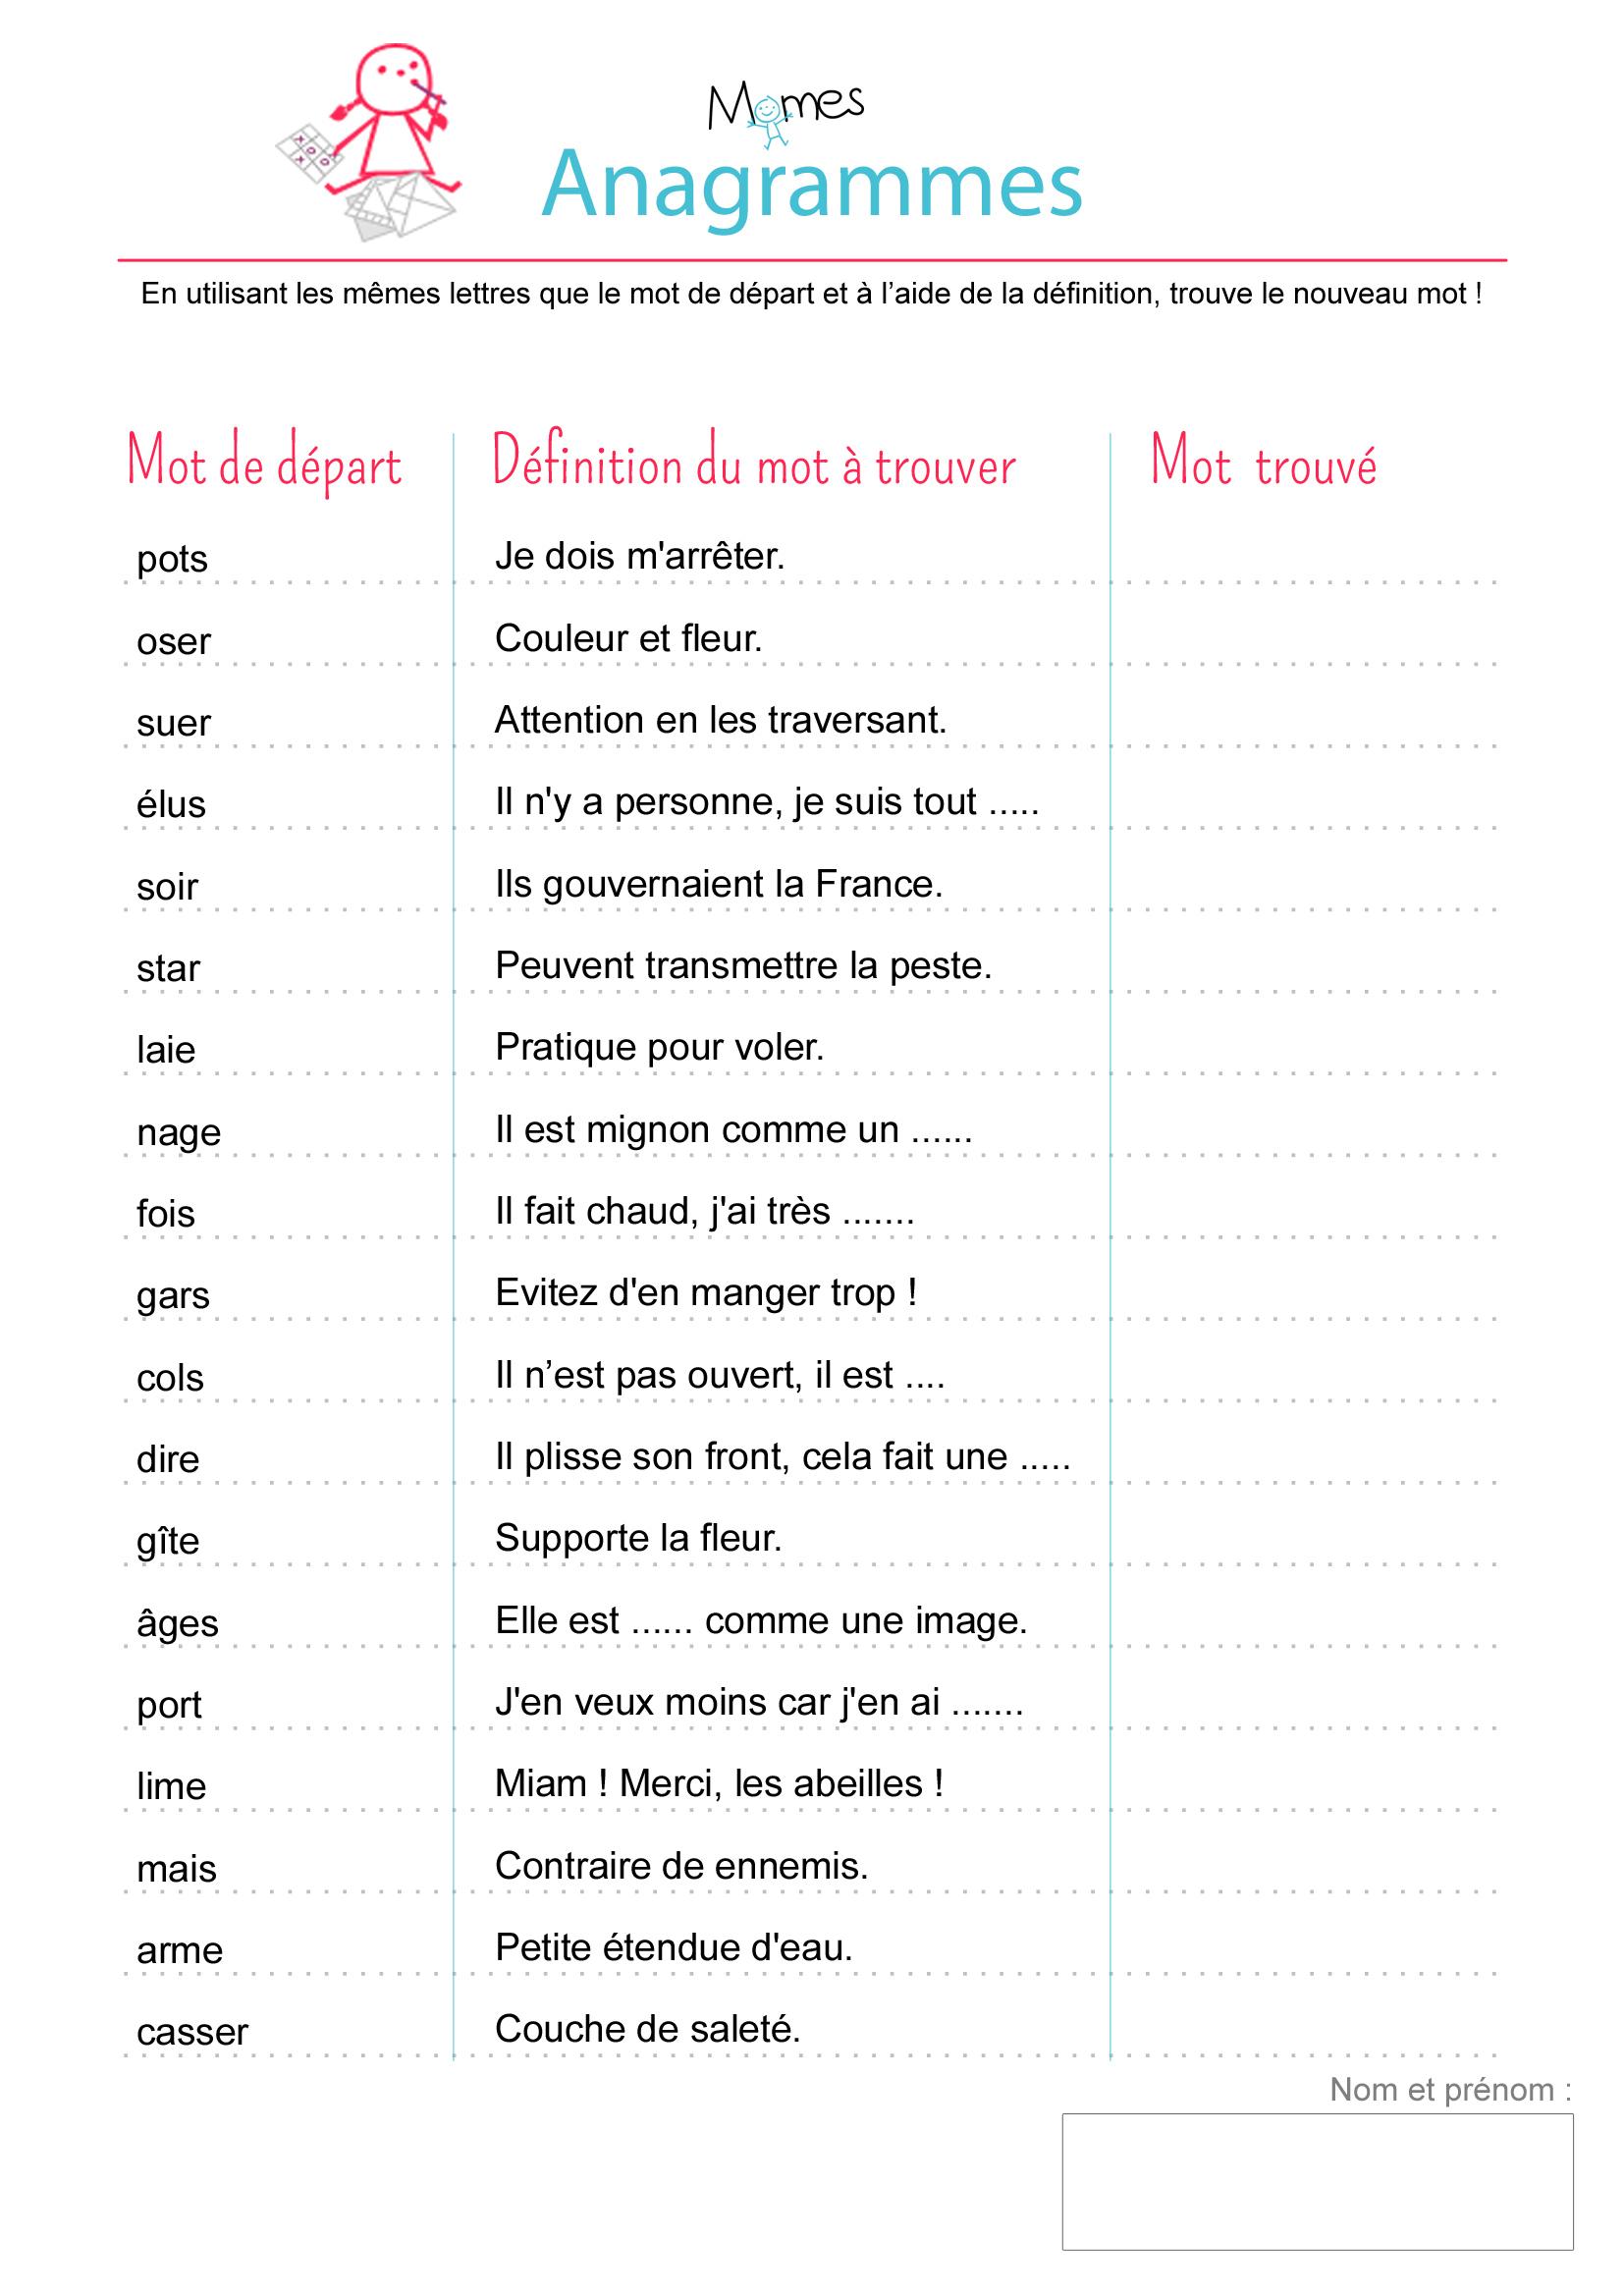 Anagrammes : Exercice - Momes concernant Jeux 5 Ans Gratuit Français